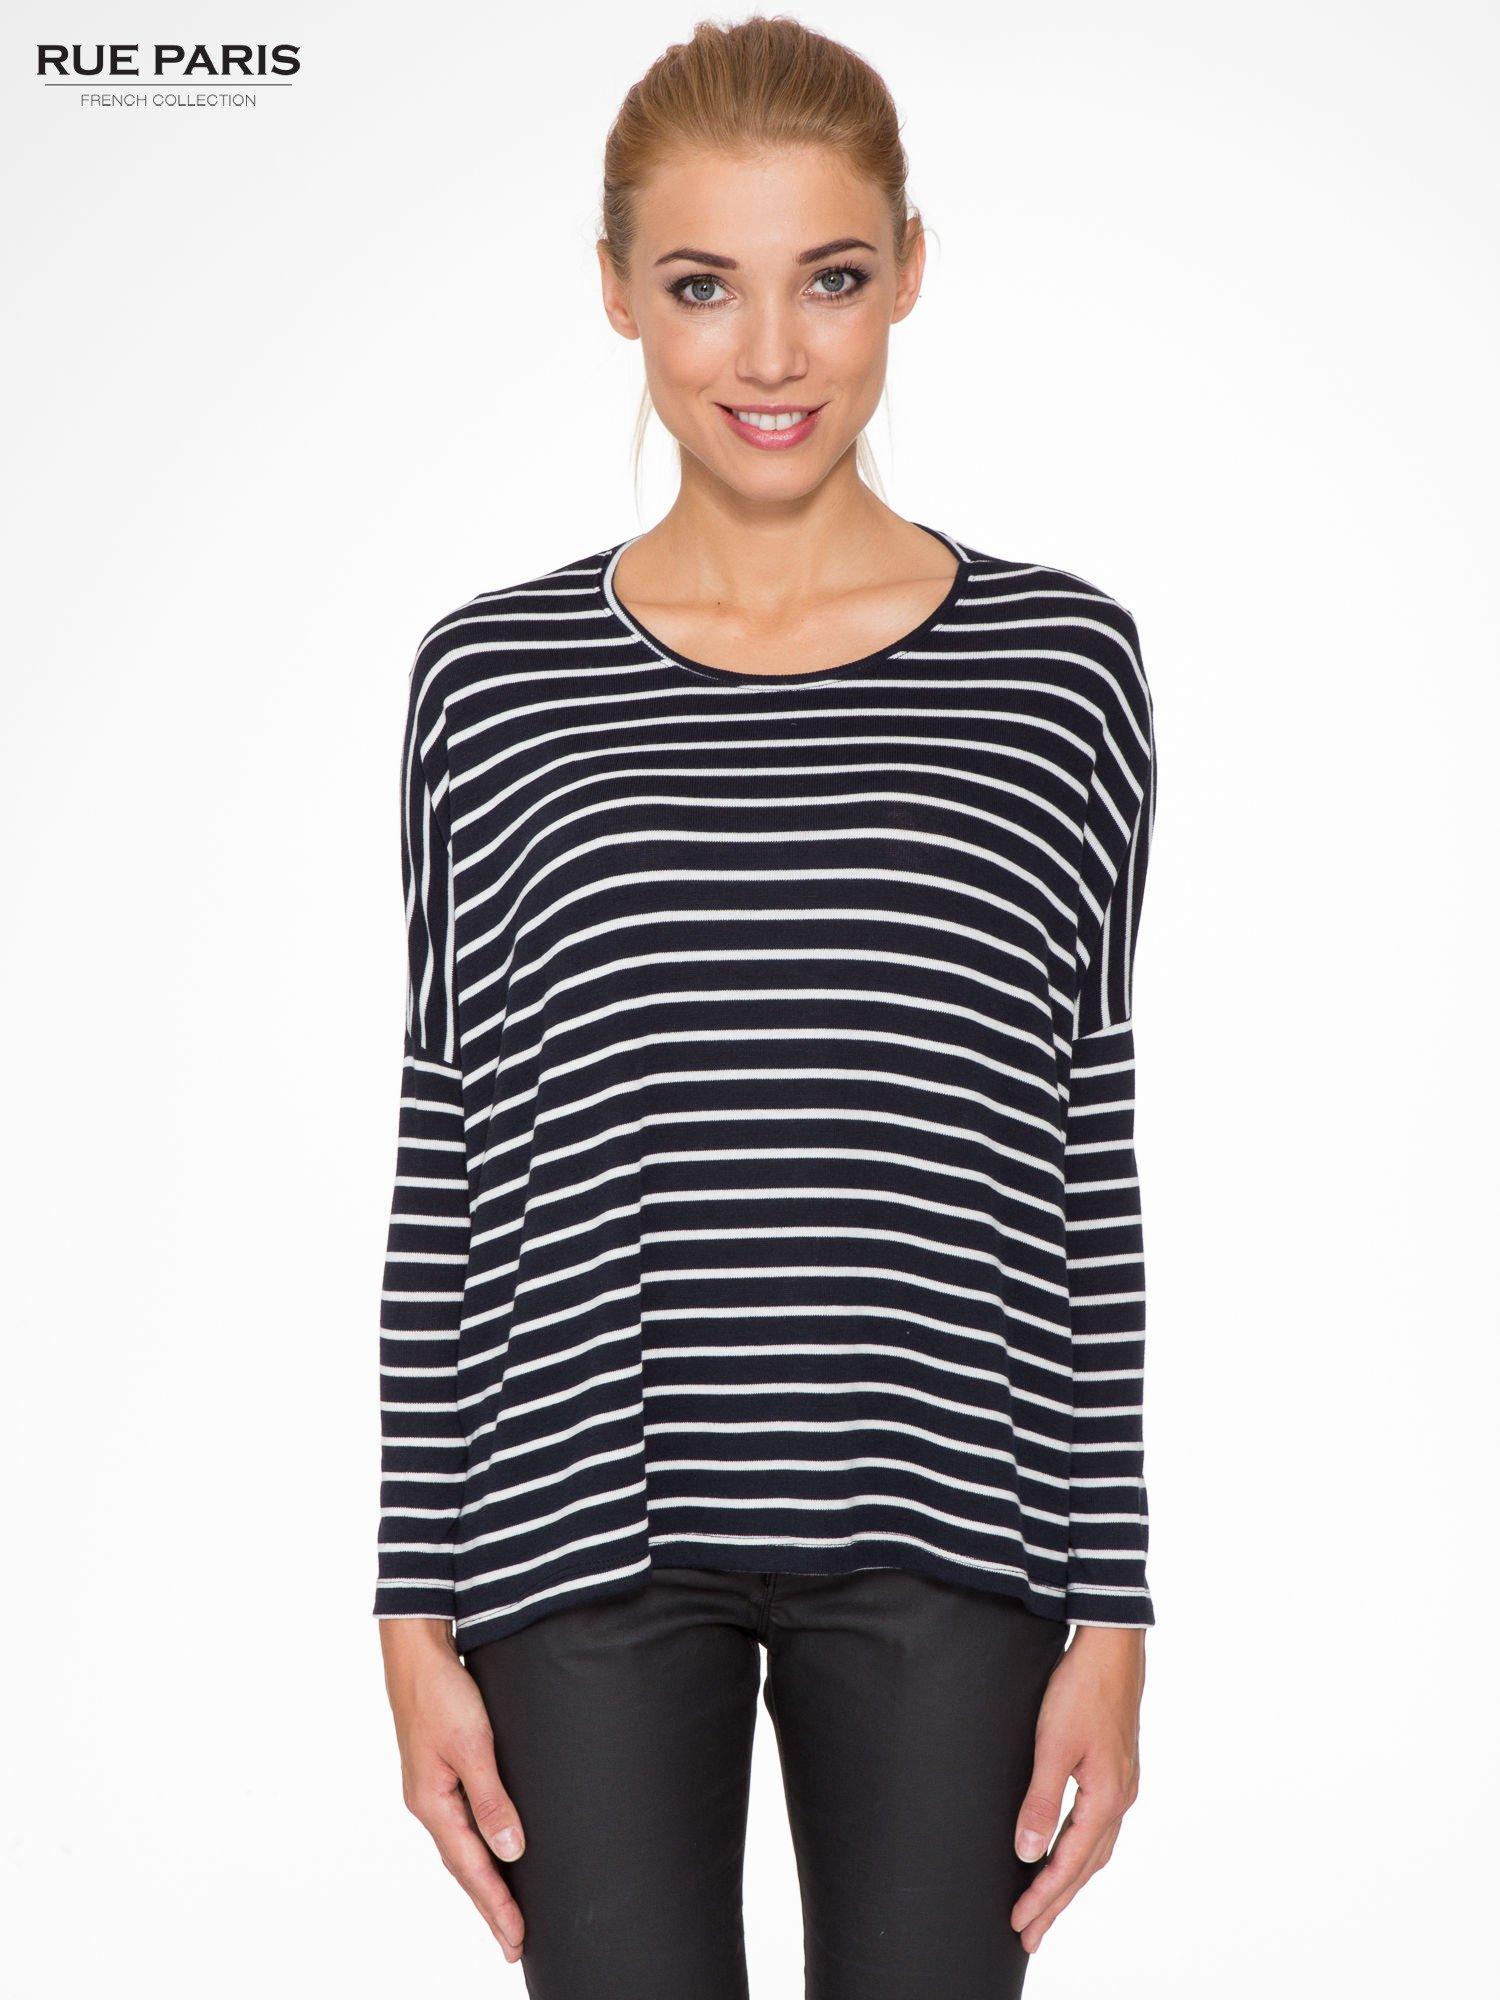 Granatowy sweter w białe paski o kroju oversize                                  zdj.                                  1